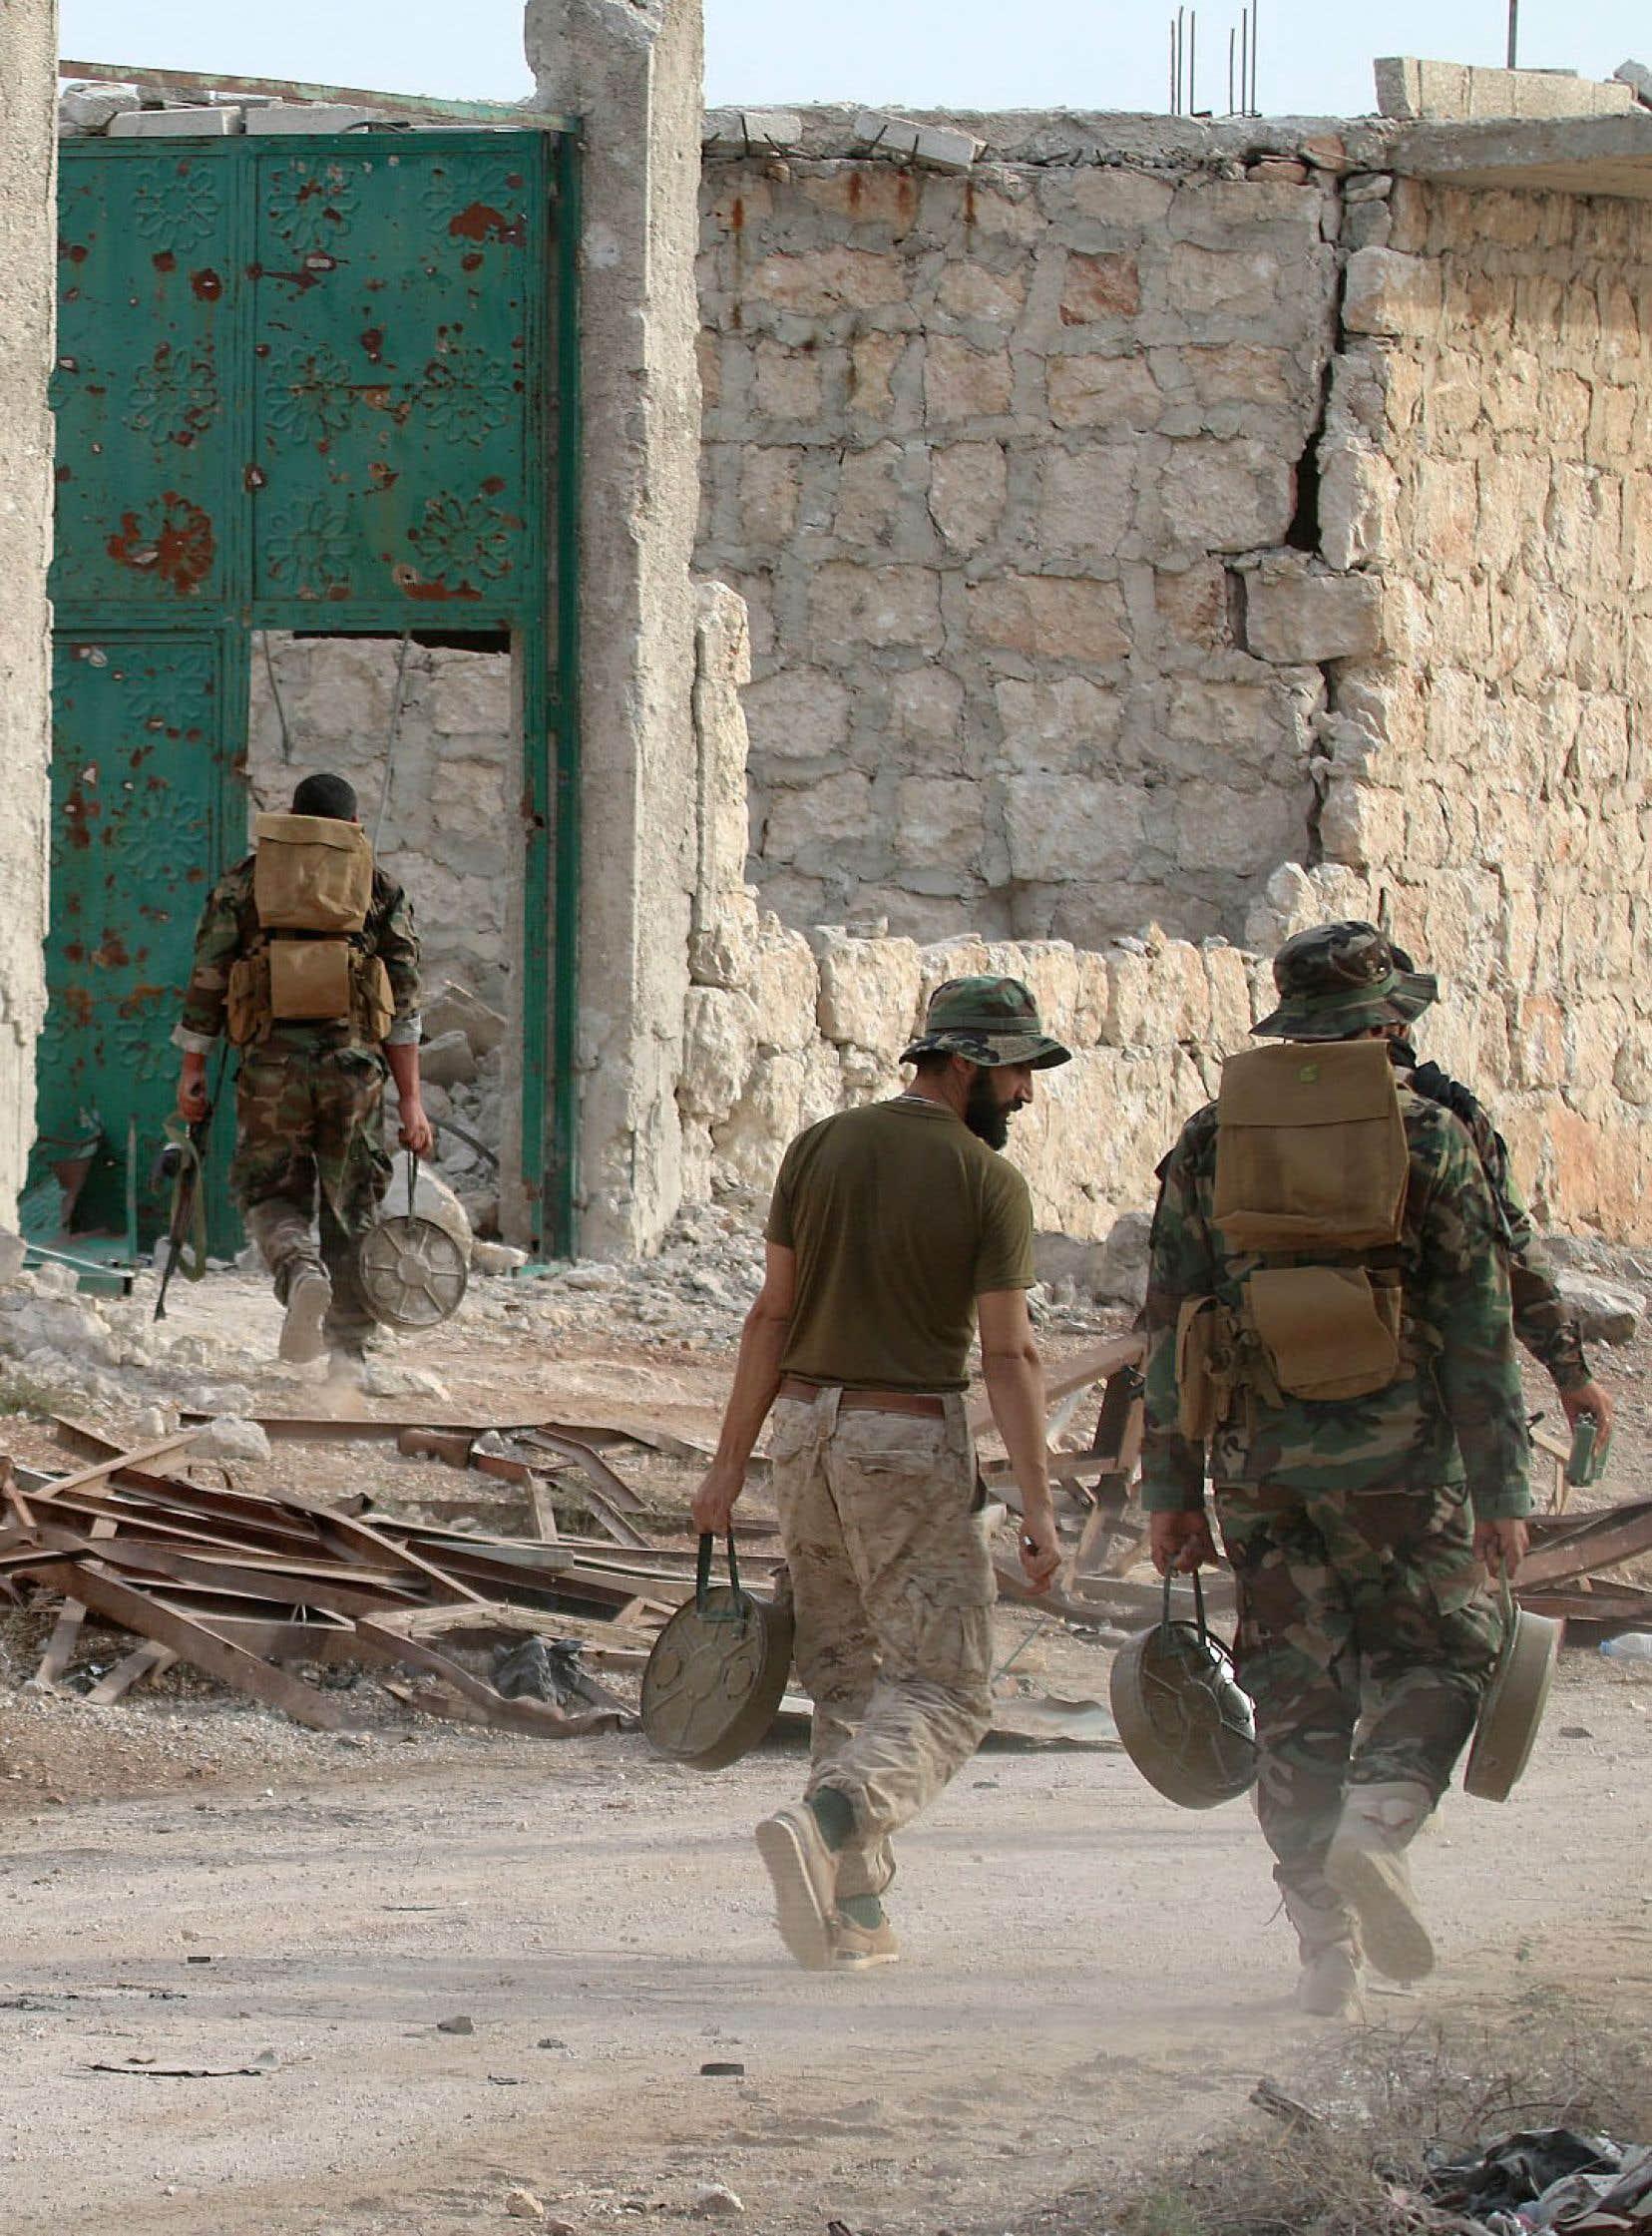 Des soldats de l'armée syrienne transportent des mines dans la zone de la colline Bazo, dans la banlieue d'Alep.